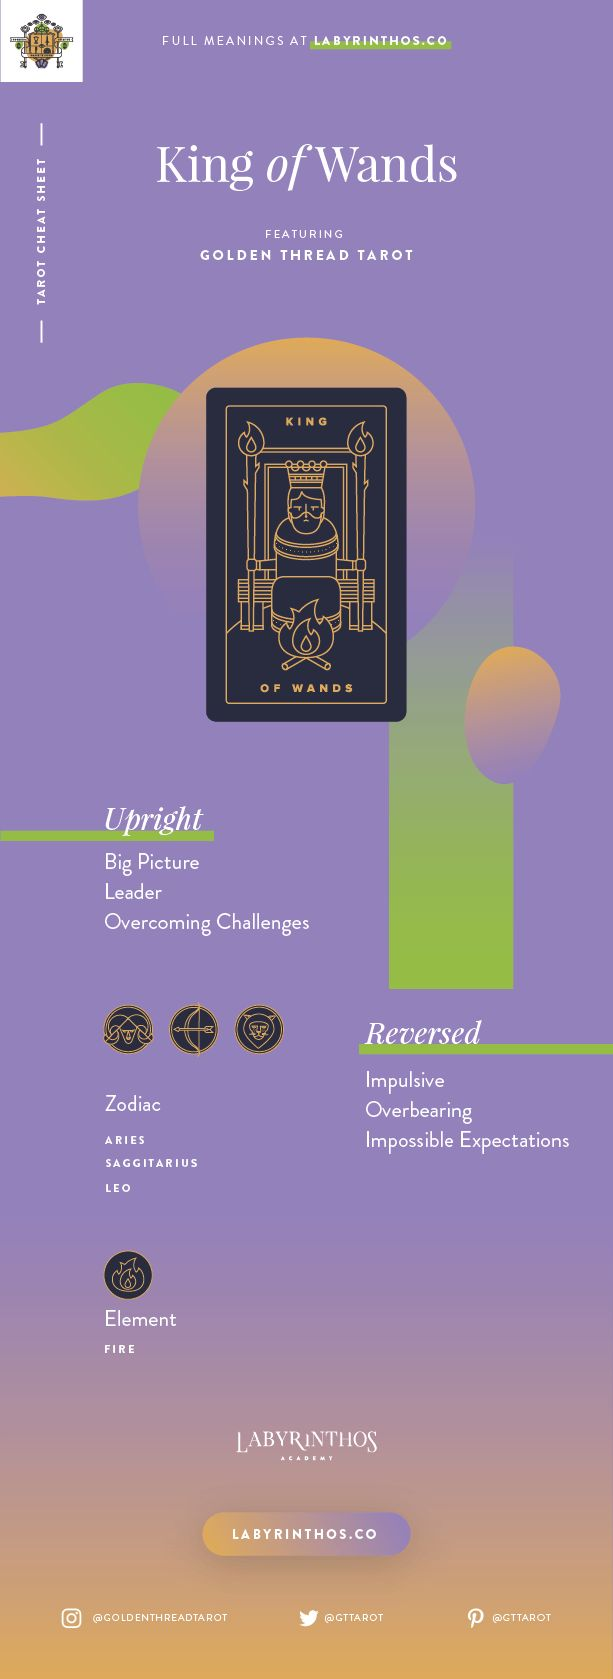 King of Wands Meaning - Tarot Card Meanings Cheat Sheet. Art from Golden Thread Tarot.